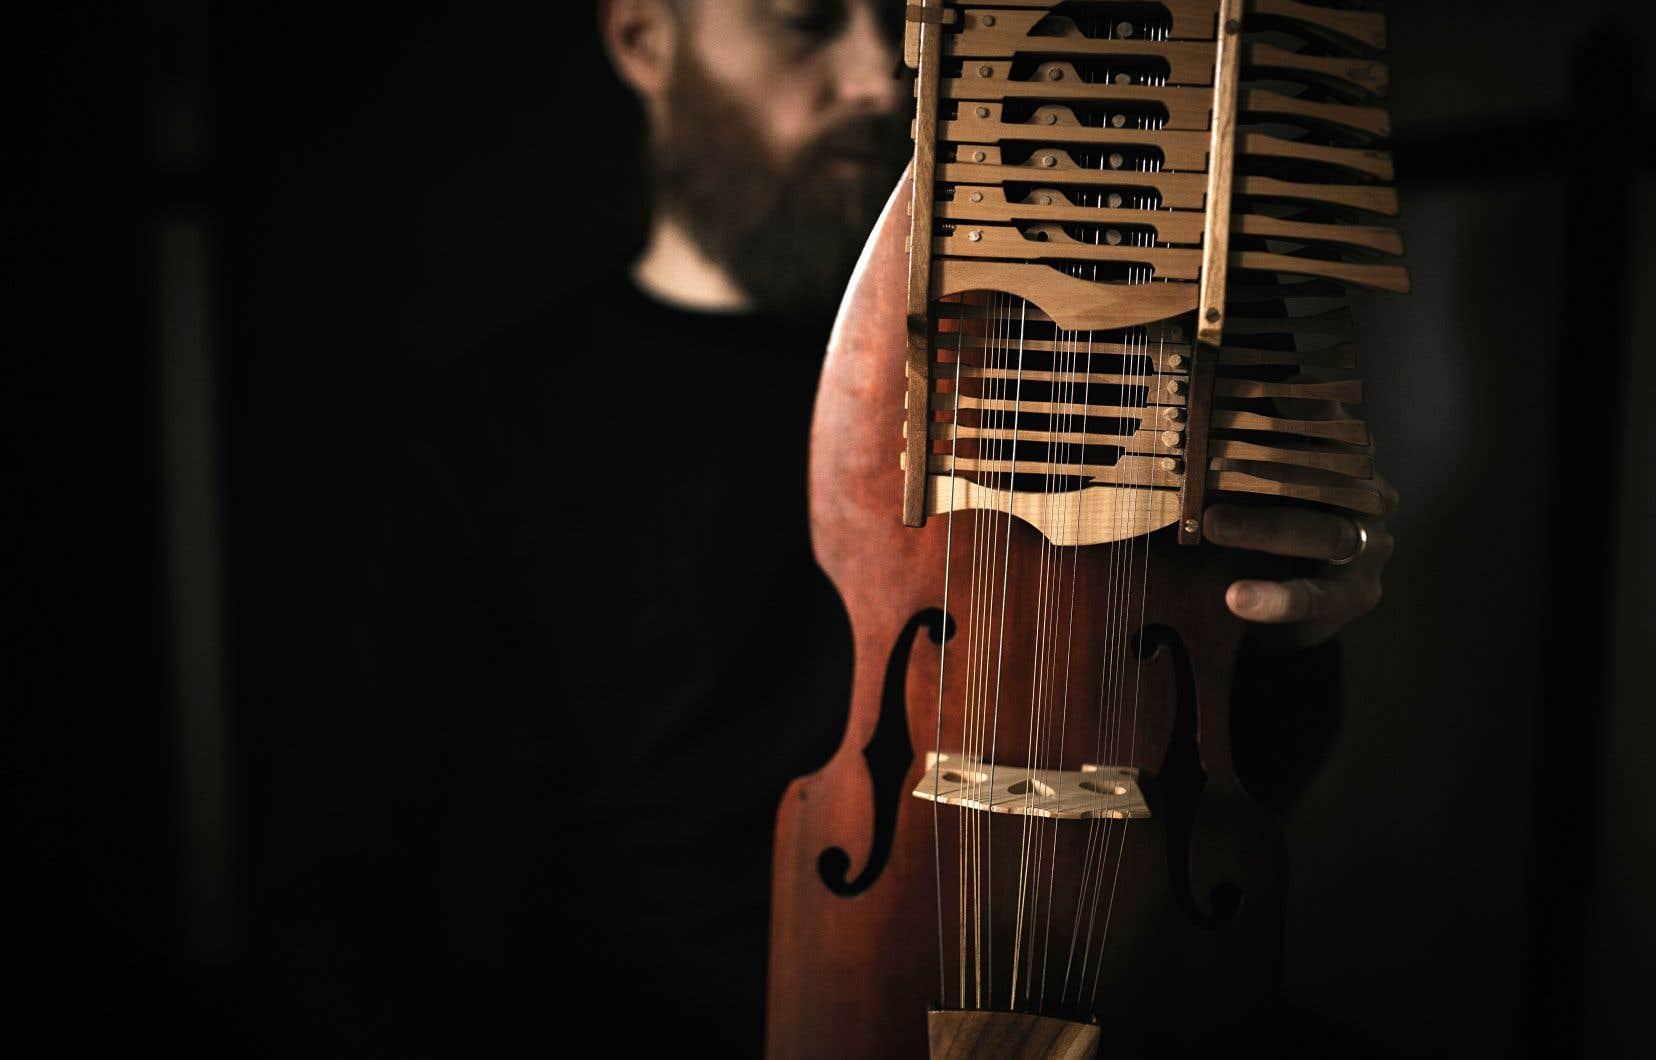 Le nyckelharpa, un instrument ancien, est pratiquement tombé en désuétude avant qu'une poignée d'enthousiastes ne le réchappe des oubliettes du temps dans les années 1960.